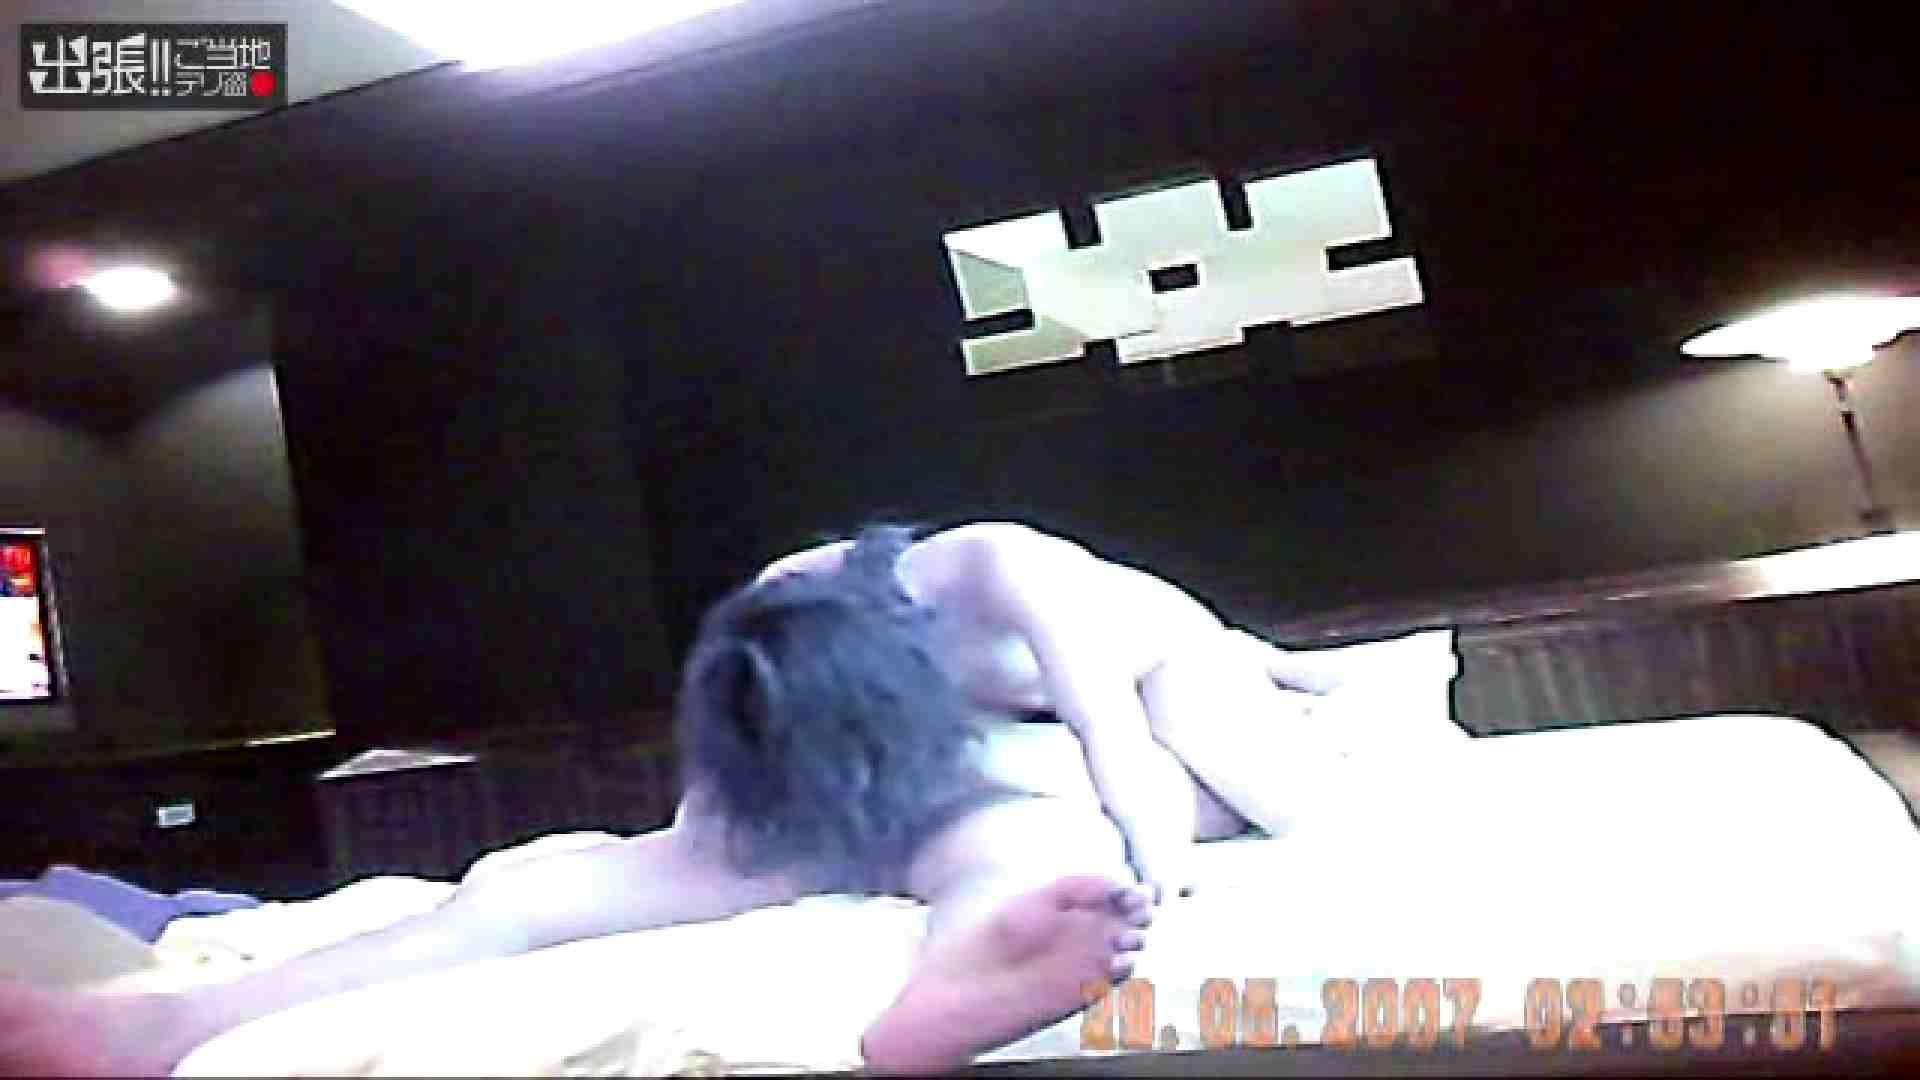 出張リーマンのデリ嬢隠し撮り第3弾vol.6 ギャル達のセックス | 隠撮  108画像 91